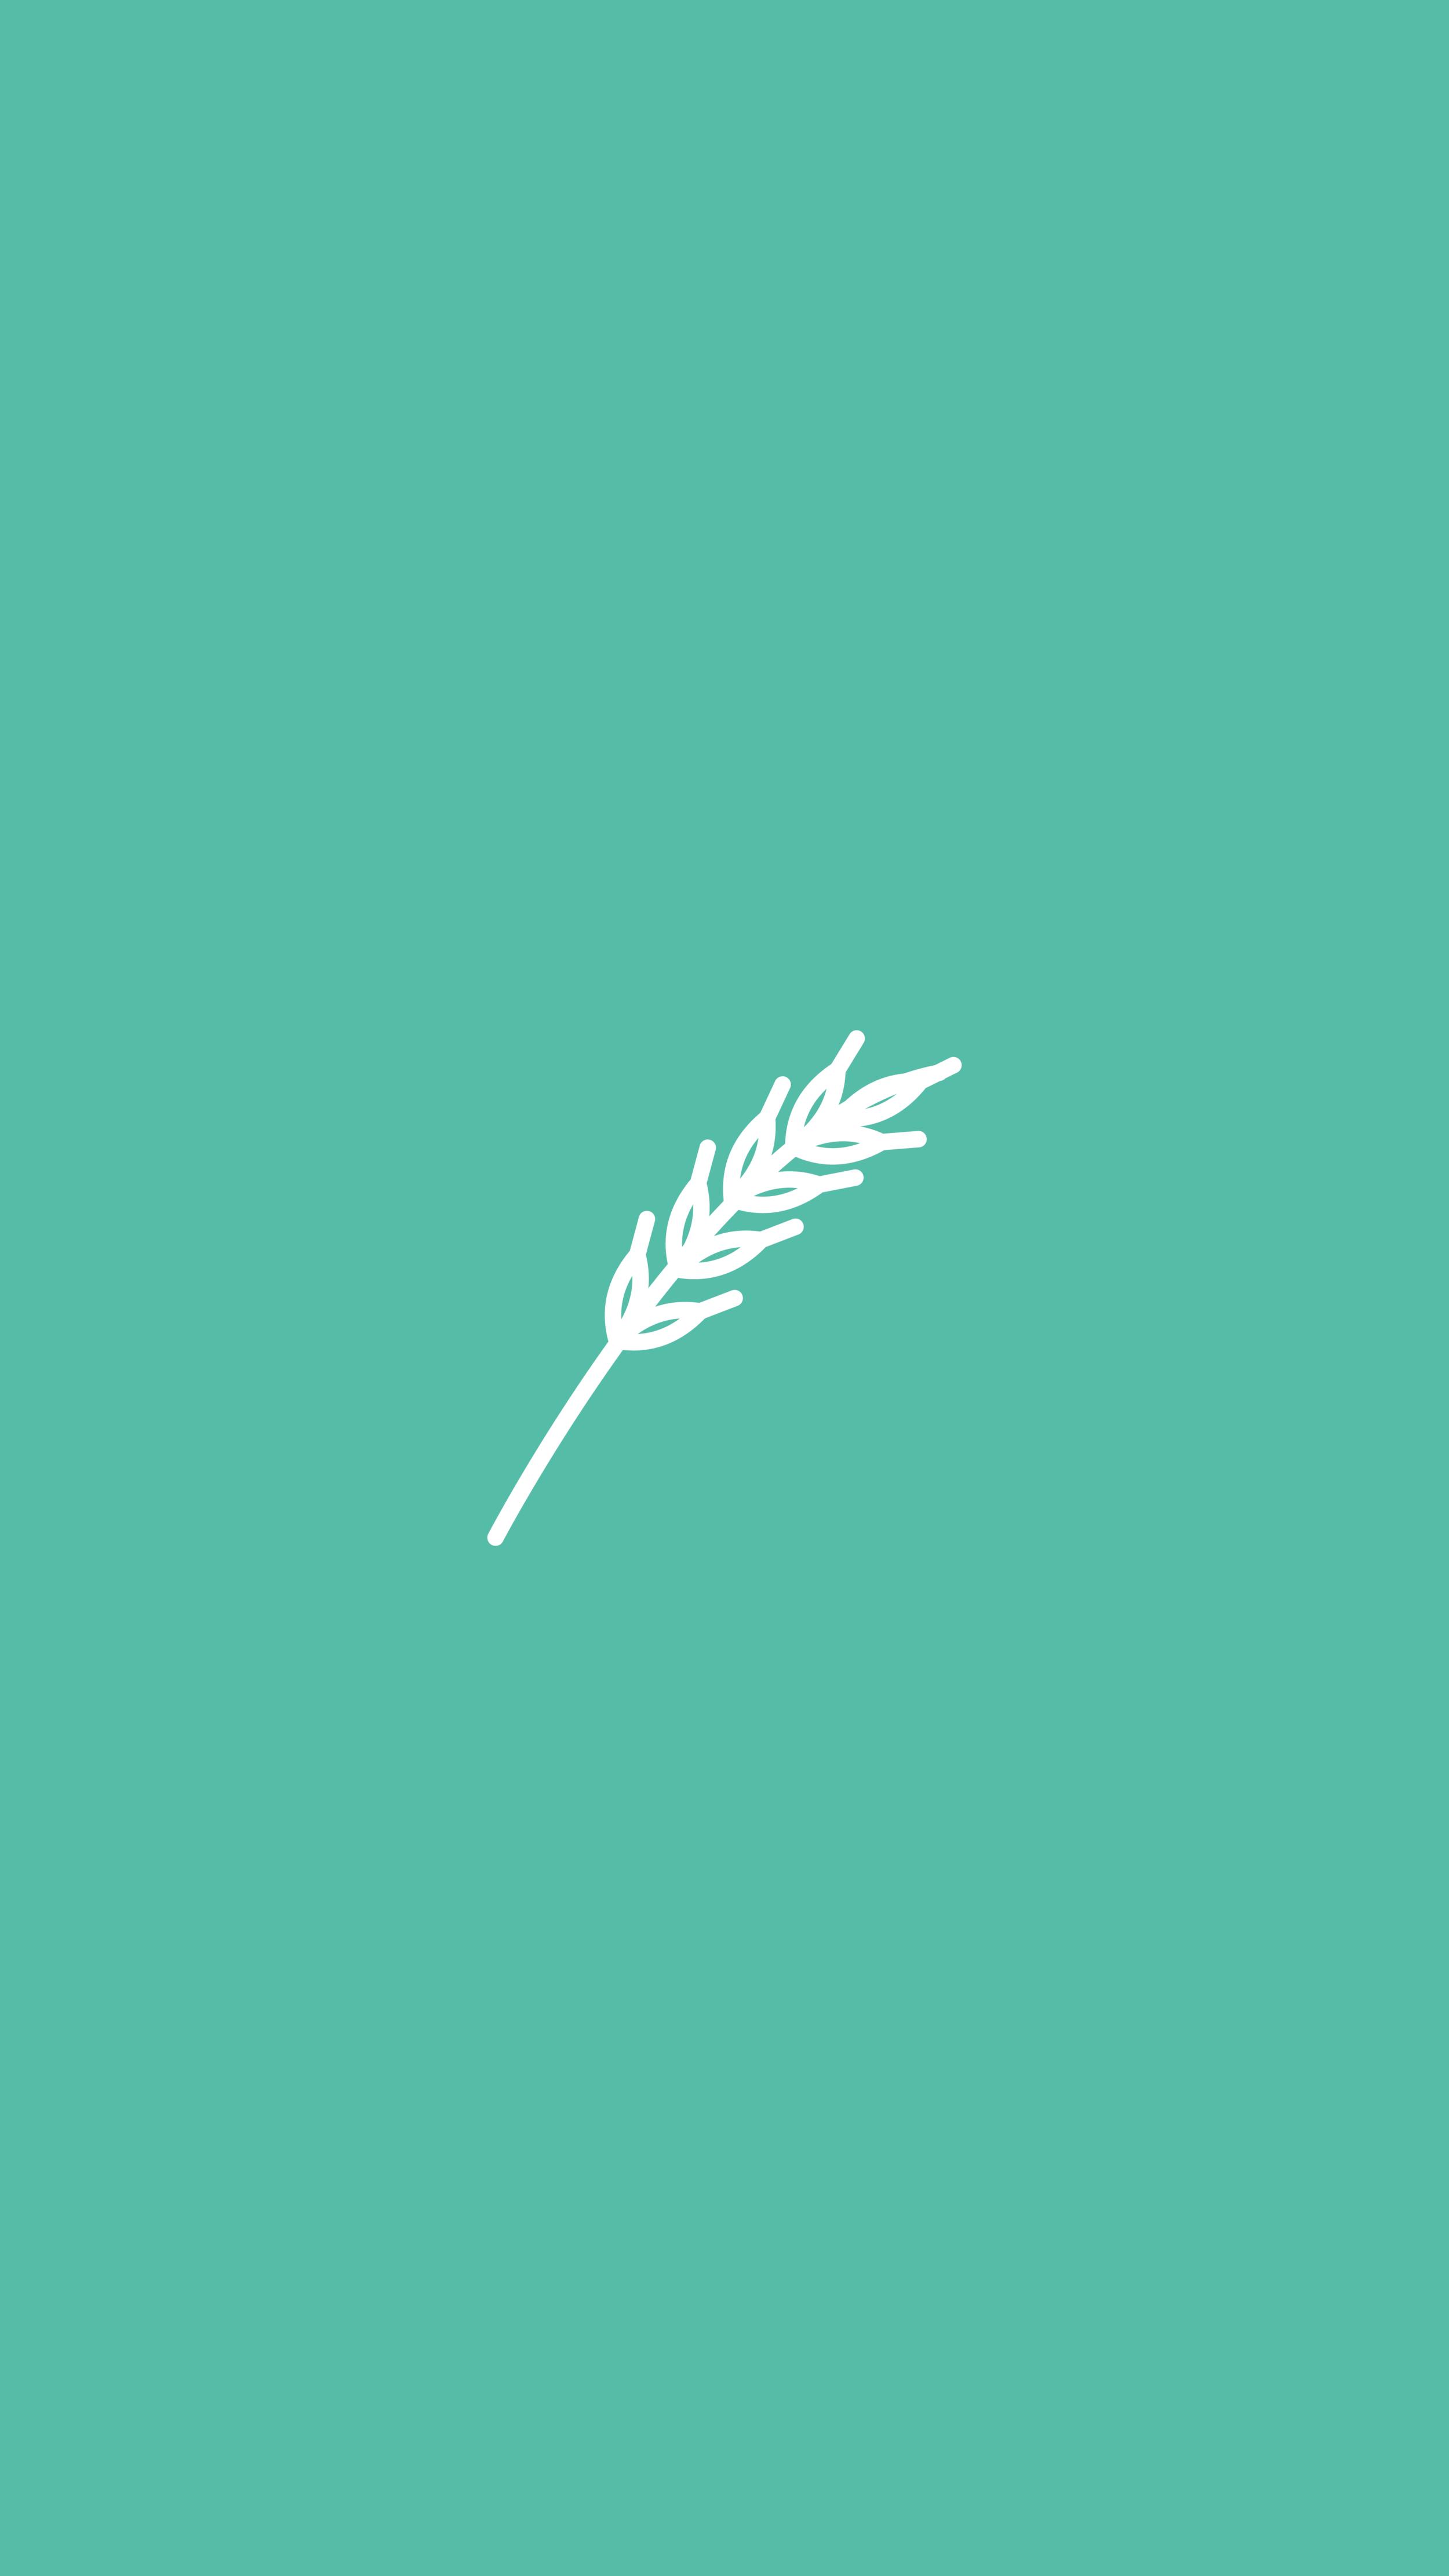 IG_Highlights_Pampas Grass.png